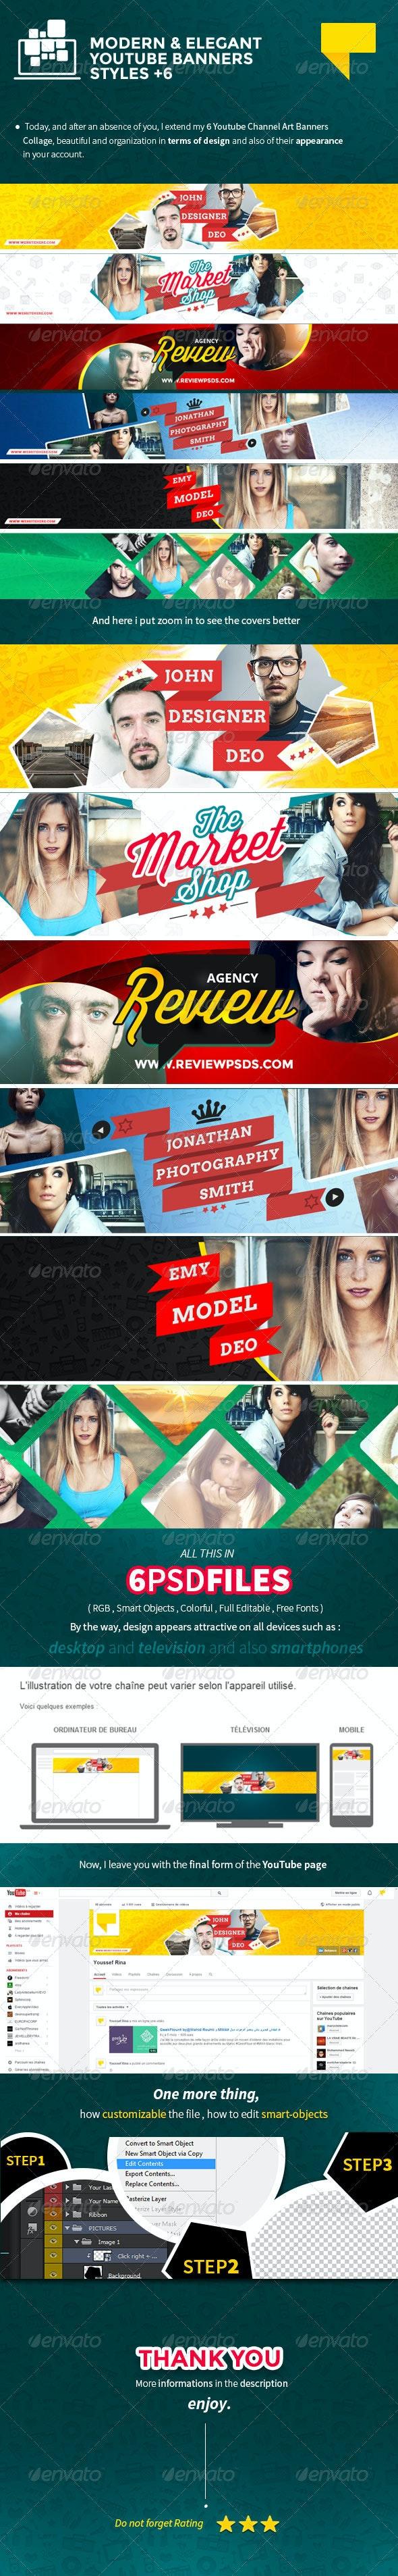 6 Elegant Youtube Banners - YouTube Social Media